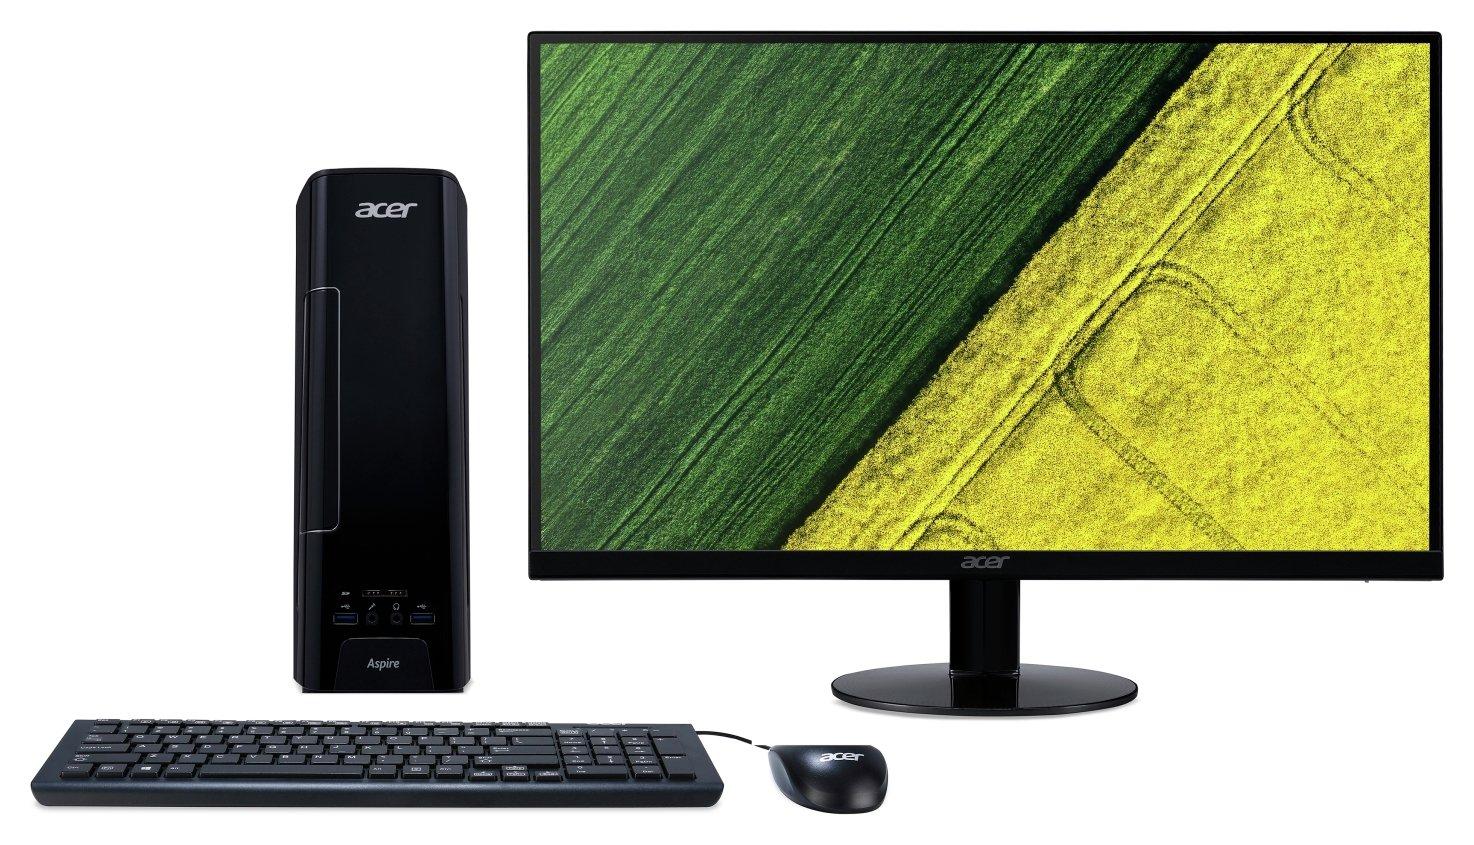 acer tc 710 desktop pc full hd led monitor bundle. Black Bedroom Furniture Sets. Home Design Ideas